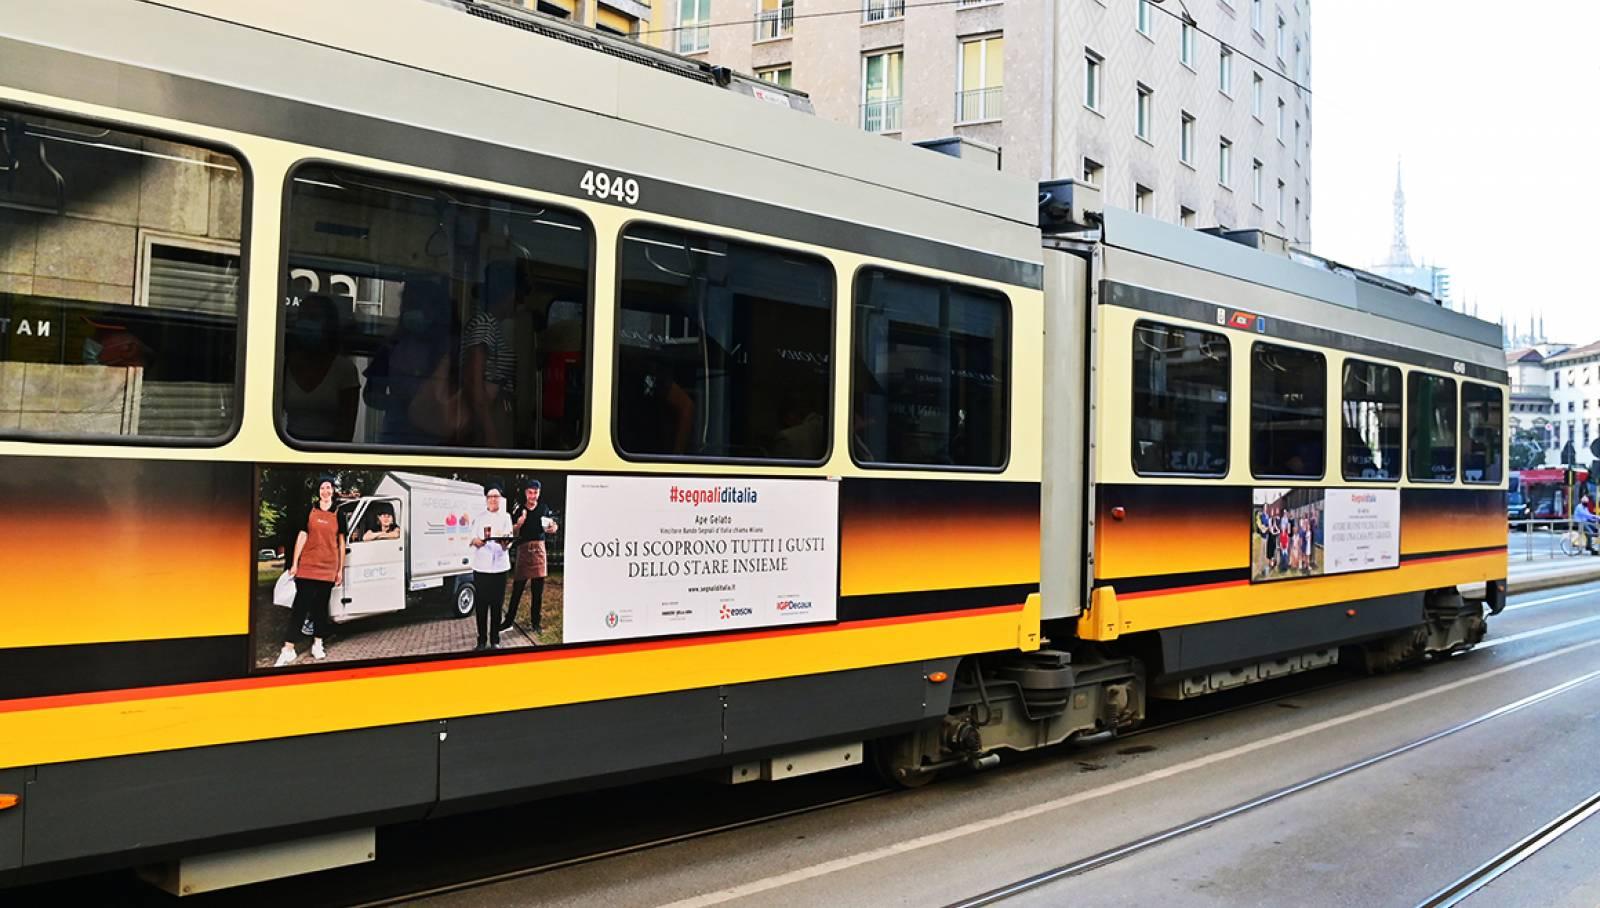 IGPDecaux campagna OOH Segnali d'Italia vincitori bando Segnali d'Italia chiama Milano sidebanner per ApeGelato